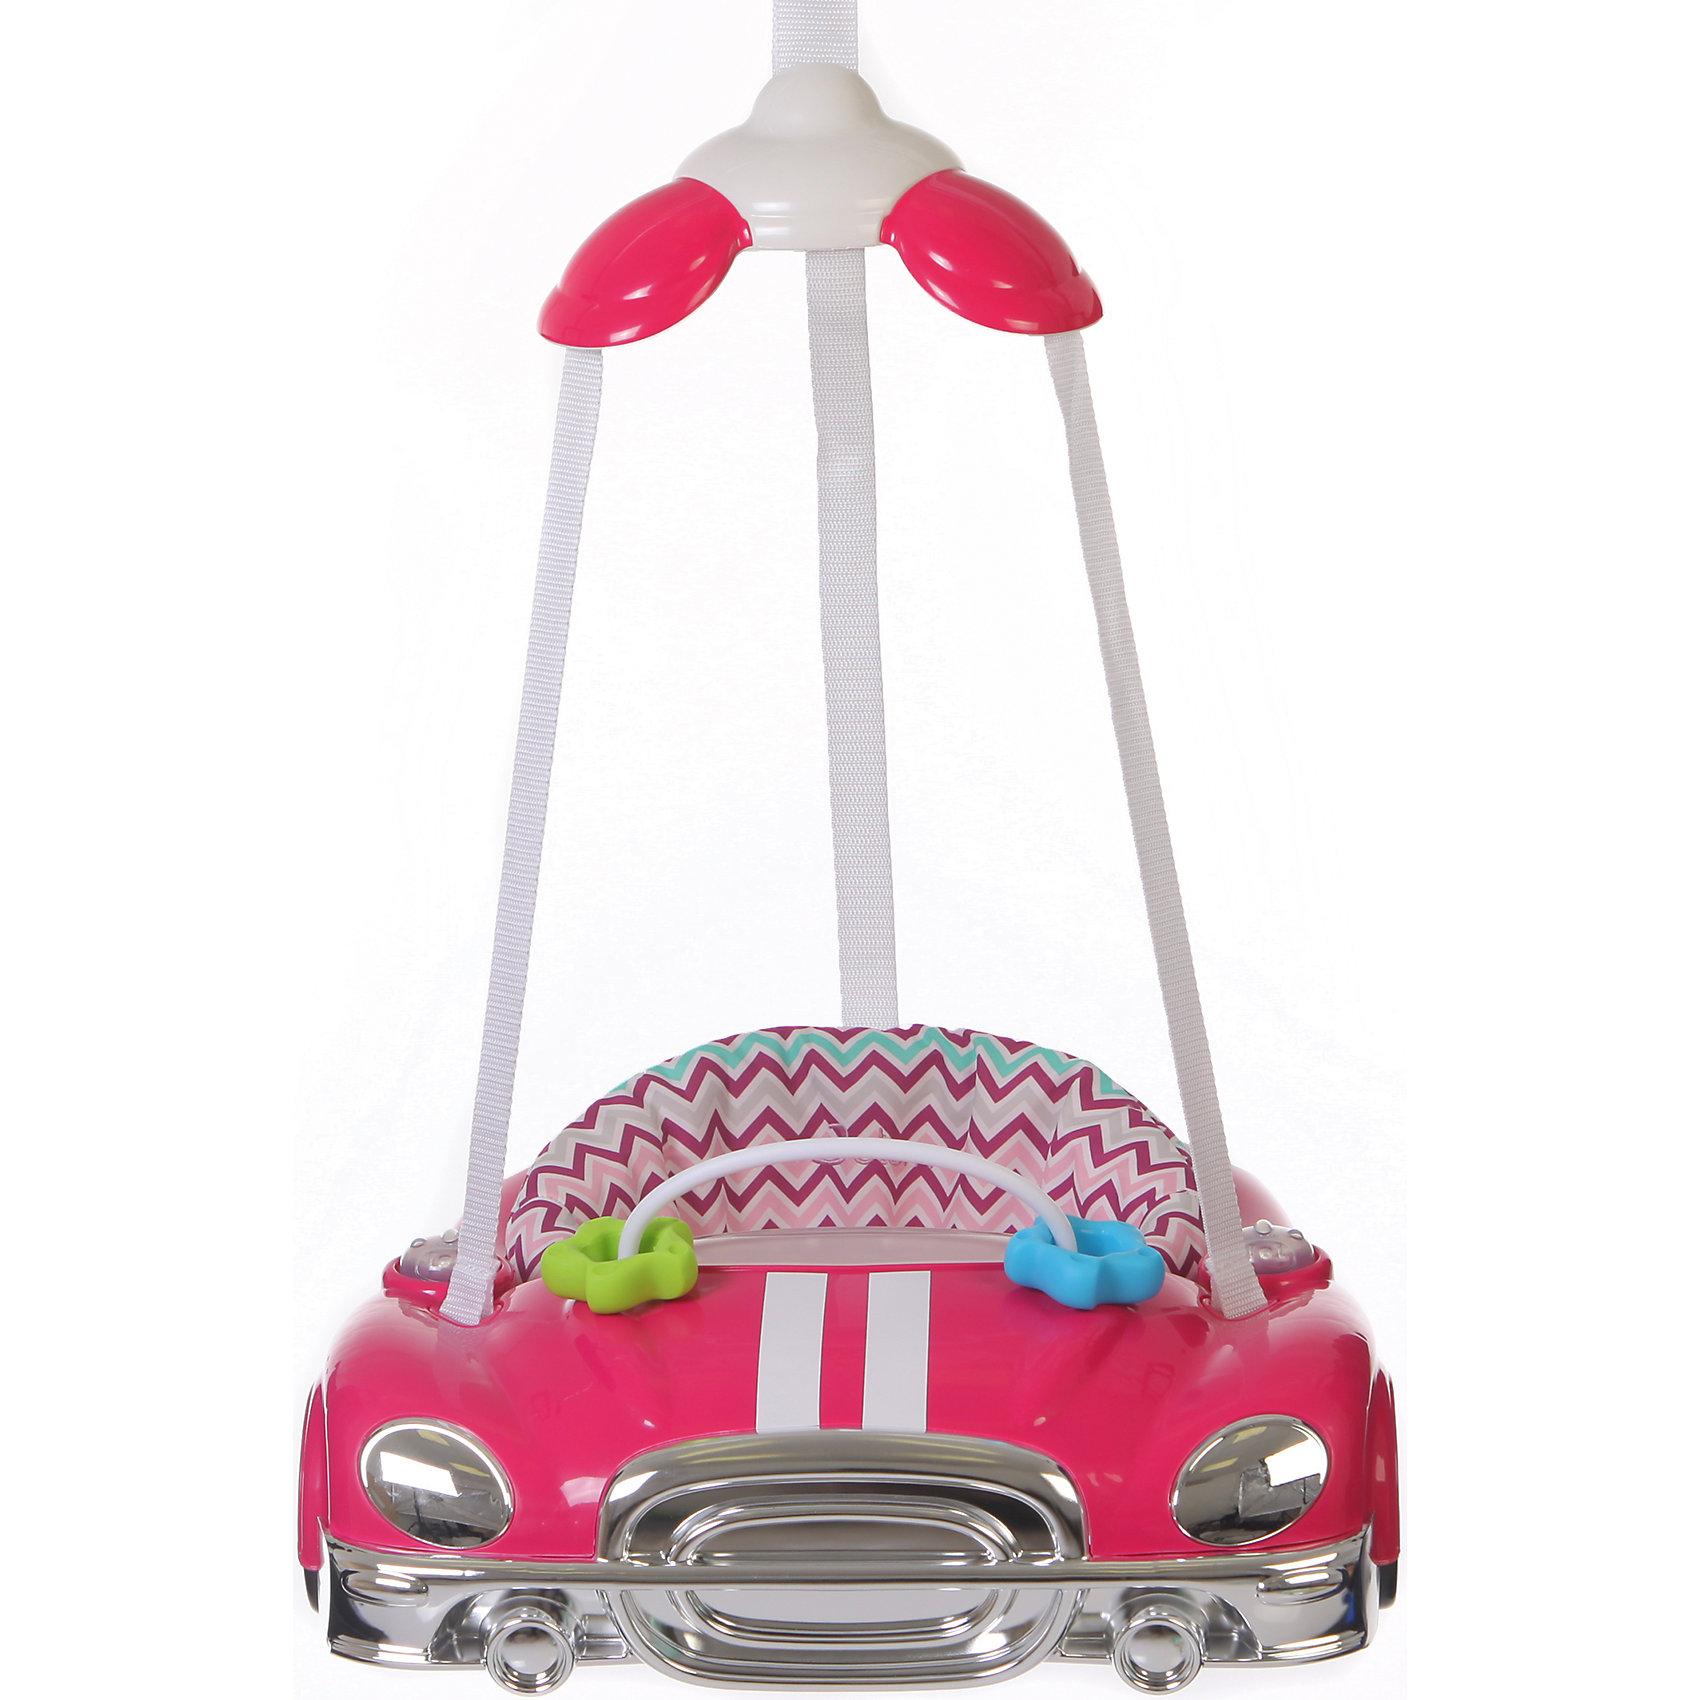 Прыгунки Auto, Jetem, Raspberry StripeJetem Auto (Жетем Авто) – замечательные прыгунки, которые принесут столько радости малышу! Дети обожают машинки и прыгать, а прыгунки Jetem Auto (Жетем Авто) сочетают в себе оба эти удовольствия. С ними кроха научится прыгать, ориентироваться в пространстве и будет прекрасно развивать моторику ножек. Яркие и красивые прыгунки легко и надежно крепятся в дверной проем, а широкий каркас в виде машинки обеспечивает безопасность. Вы легко сможете отрегулировать ремешки под рост и вес ребенка и ему будет очень весело и комфортно. Благодаря игровой панели со звуковыми эффектами малыш будет с пользой проводить время в прыгунках и не заскучает! Прыгунки всегда будут выглядеть как новые, ведь сиденье так легко снять и постирать.<br><br>Дополнительная информация:<br><br>- Прыгунки предназначены для малыша от 4-х месяцев и до достижения 11 кг;<br>- Развивающая игровая панель с музыкальным оформлением;<br>- Мягкое комфортное сидение;<br>- Безопасный пластиковый каркас;<br>- Три точки фиксации: удобно сажать ребенка;<br>- Сиденье крепится в трех положениях;<br>- Регулировка по высоте с помощью надежного фиксатора;<br>- Цвет: Raspberry Stripe;<br>- Размер: 48 х 43 х 15 см;<br>- Вес: 3 кг<br><br>Прыгунки Auto, Jetem (Авто Жетем), Raspberry Stripe можно купить в нашем интернет-магазине.<br><br>Ширина мм: 600<br>Глубина мм: 440<br>Высота мм: 490<br>Вес г: 3000<br>Возраст от месяцев: 5<br>Возраст до месяцев: 11<br>Пол: Унисекс<br>Возраст: Детский<br>SKU: 4028913